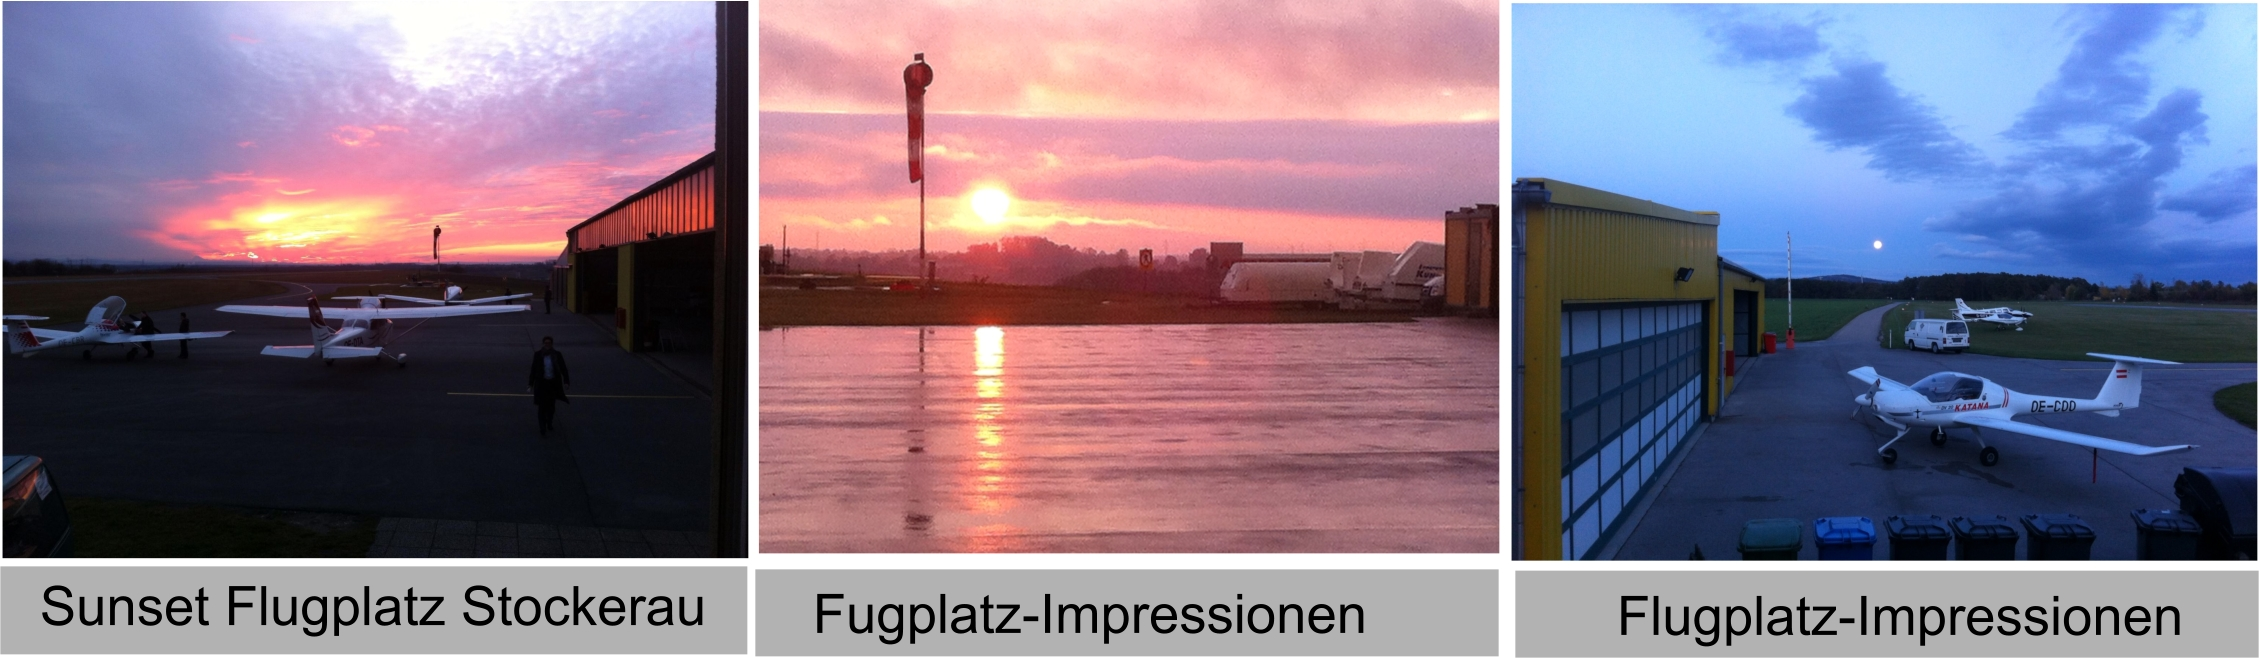 Flugplatz Sunset Impressionen